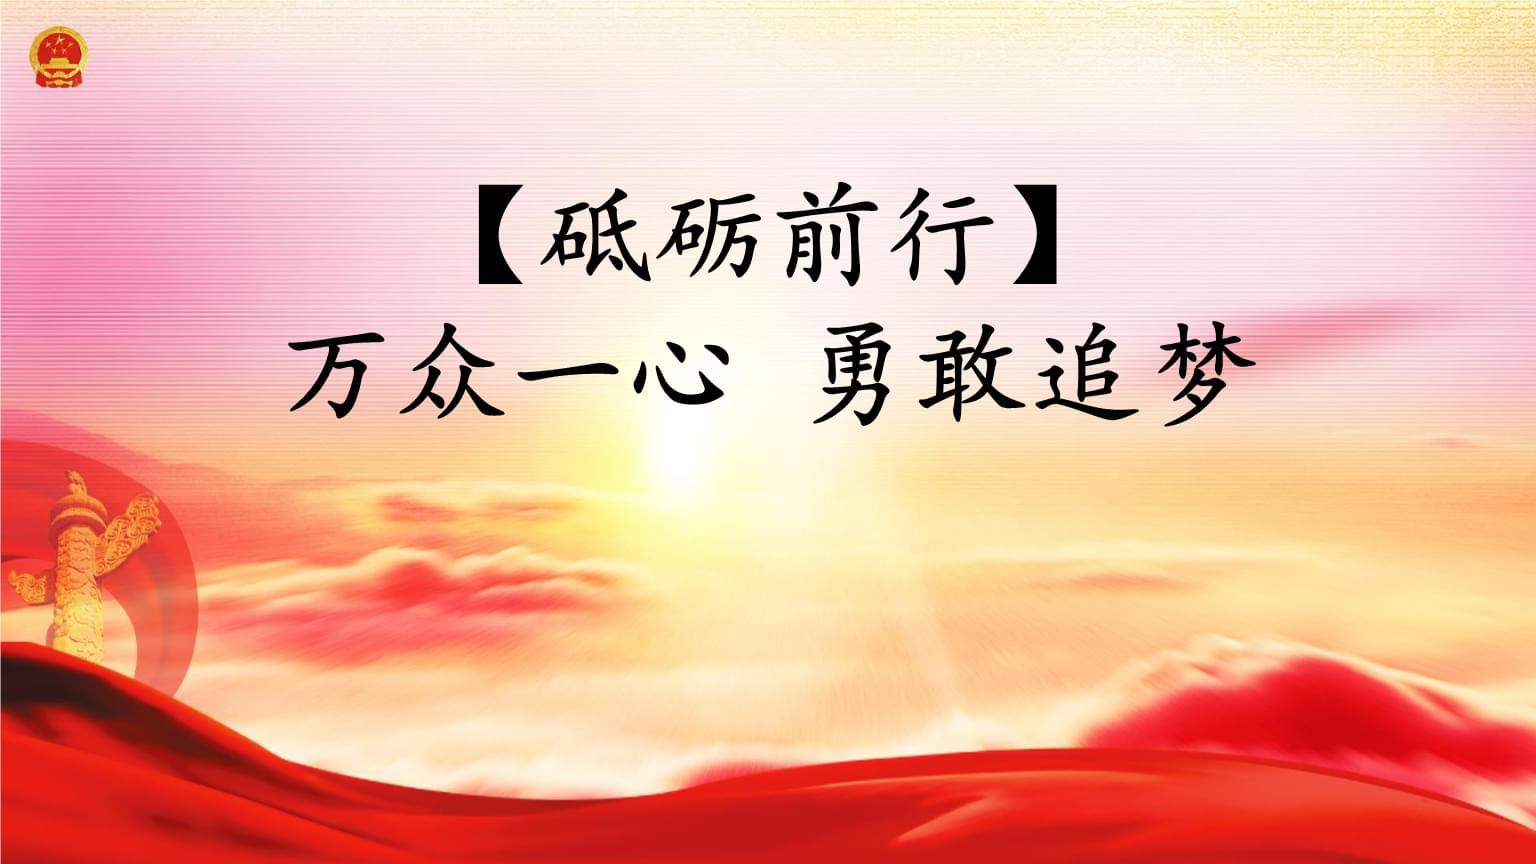 复古风八一建军节纪念节日简介.pptx